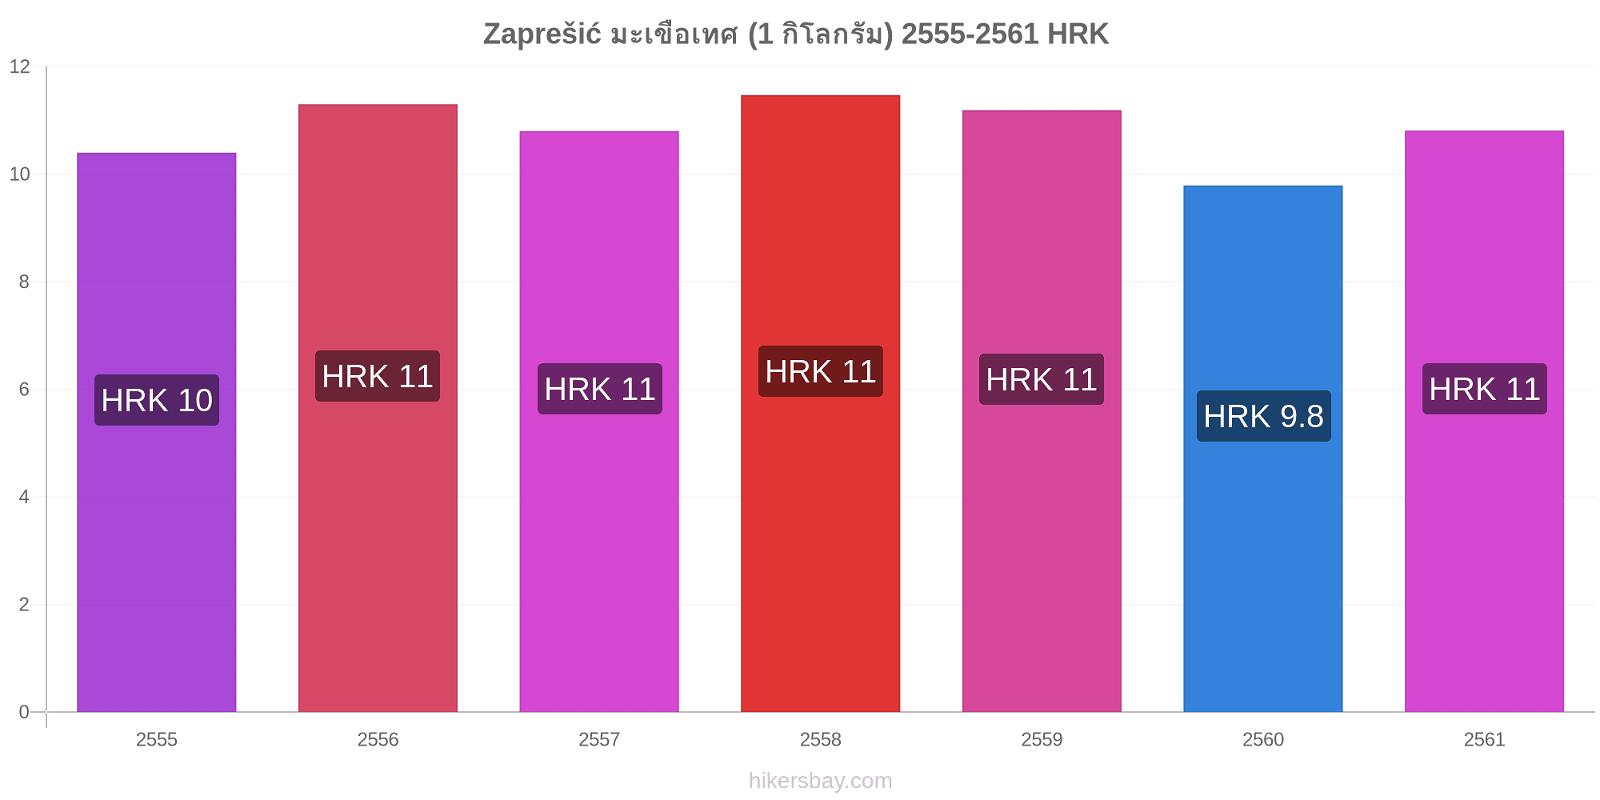 Zaprešić การเปลี่ยนแปลงราคา มะเขือเทศ (1 กิโลกรัม) hikersbay.com